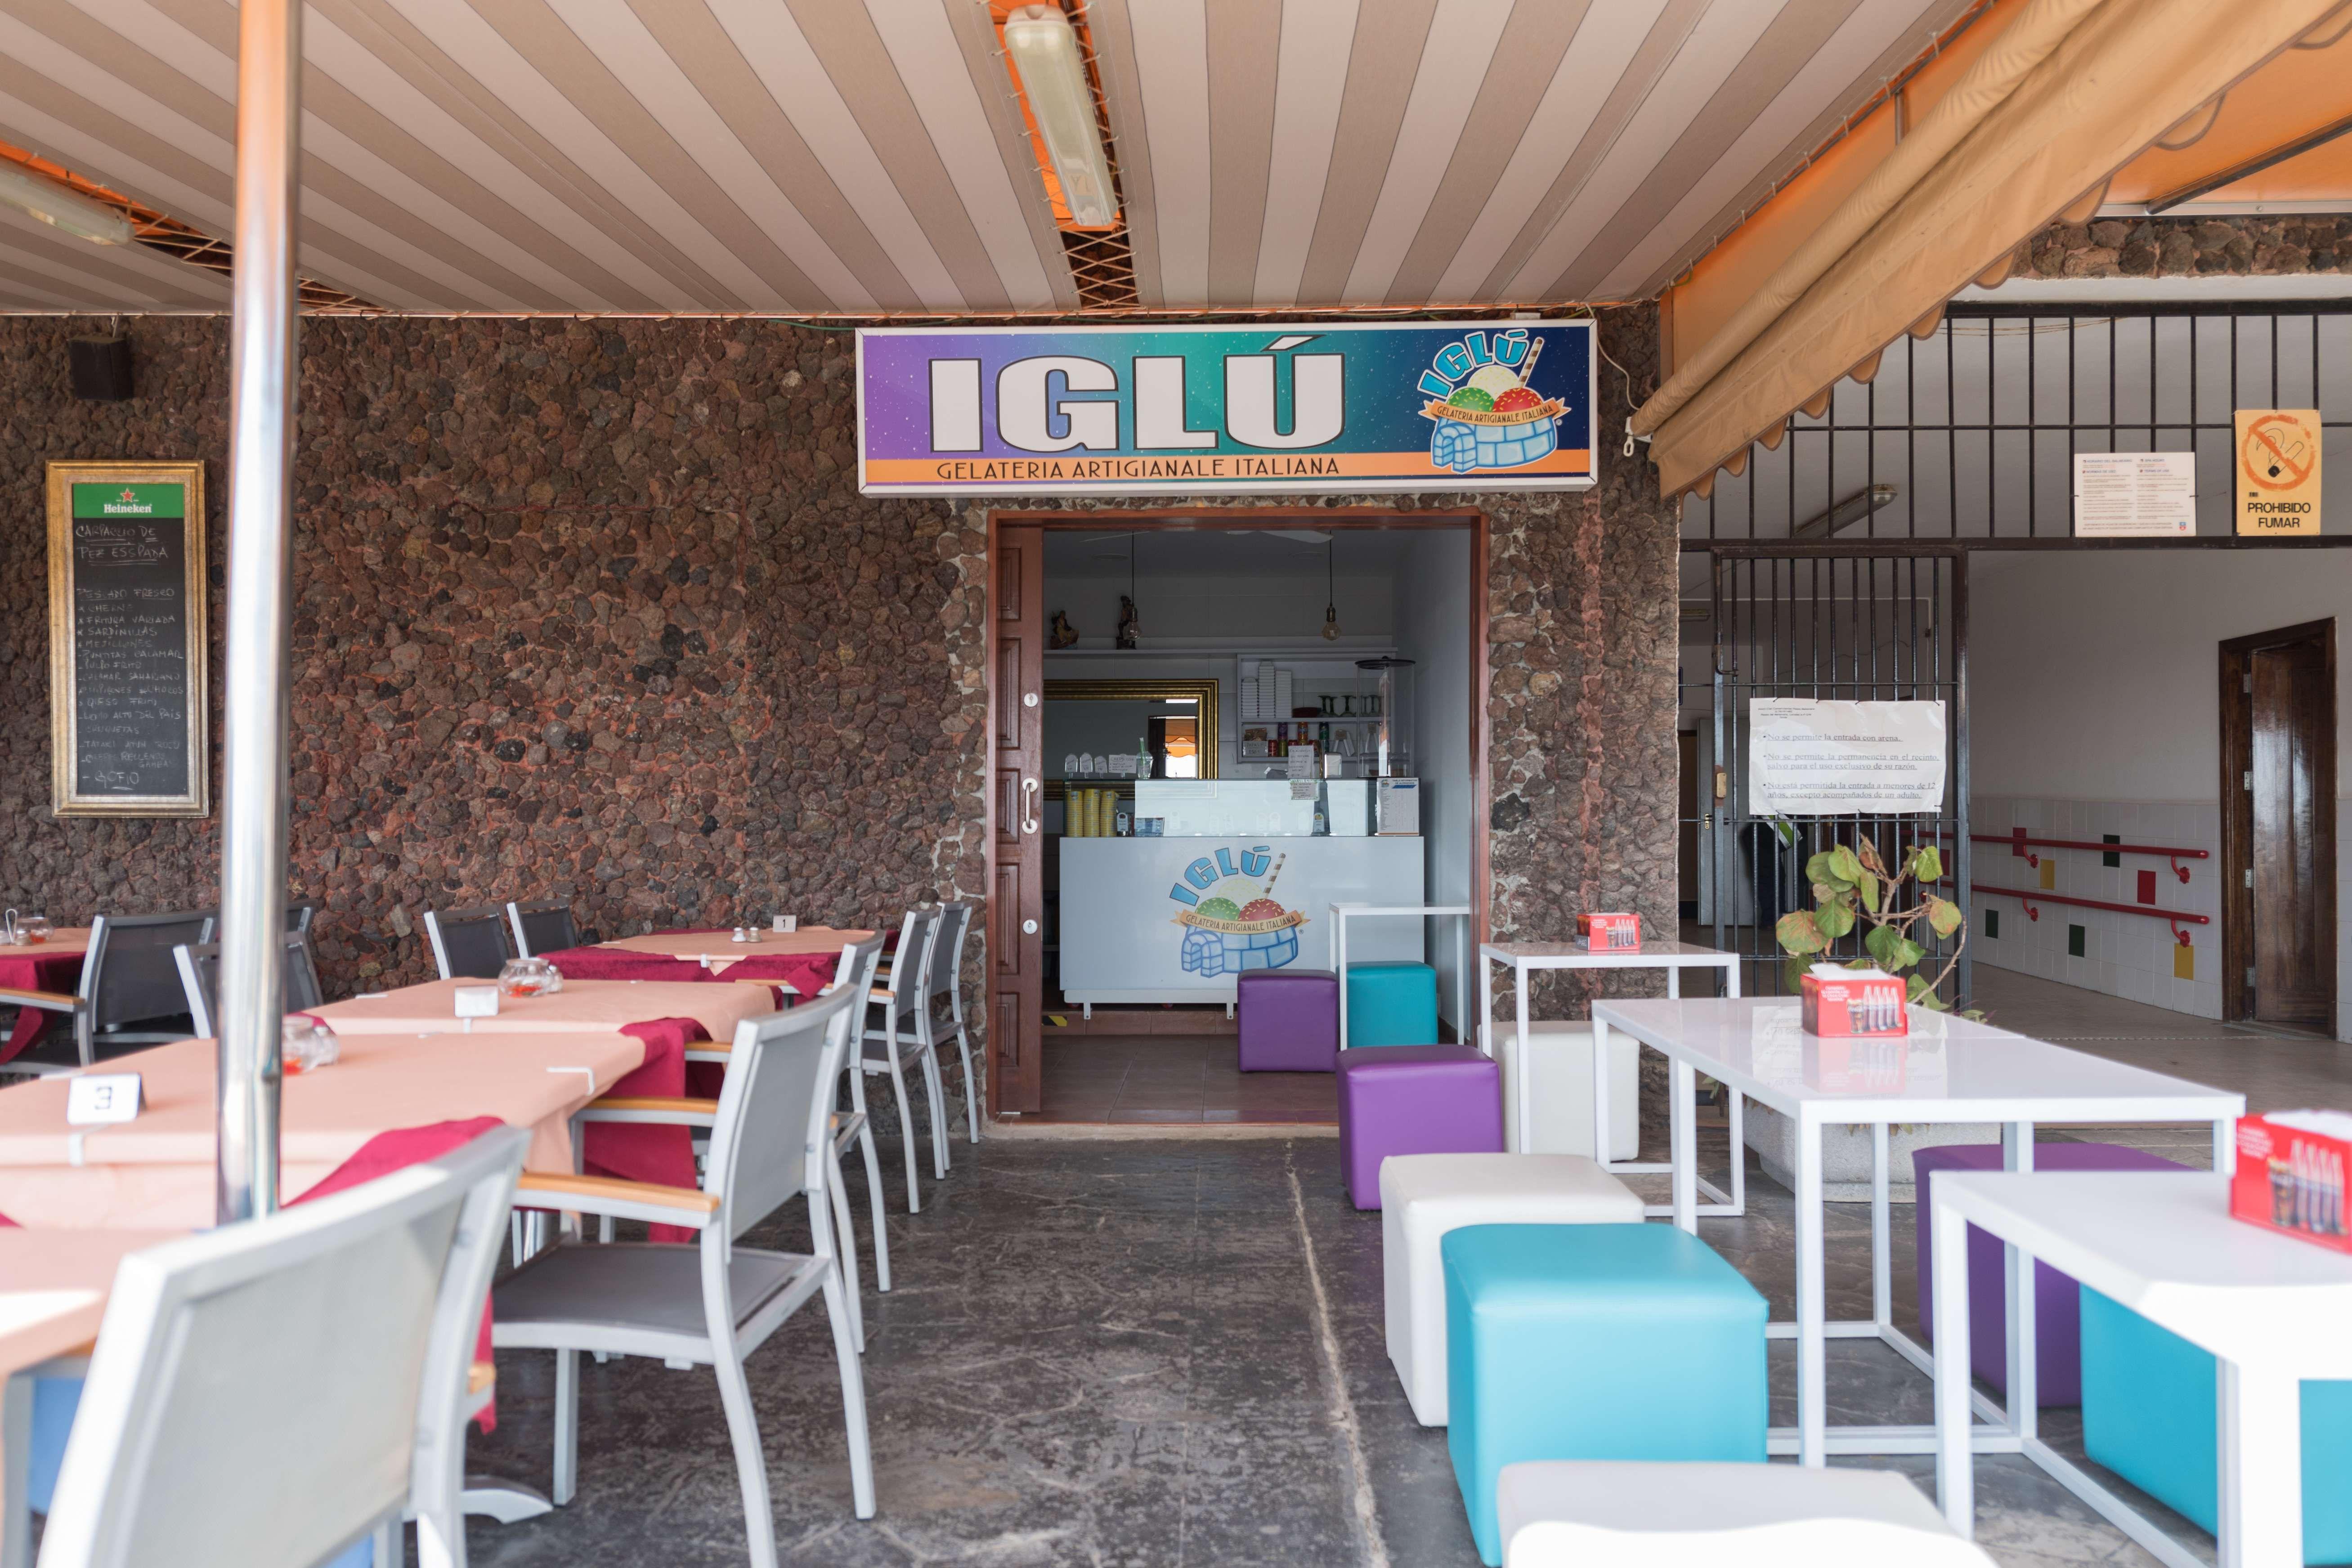 Heladería artesanal e italiana en Telde